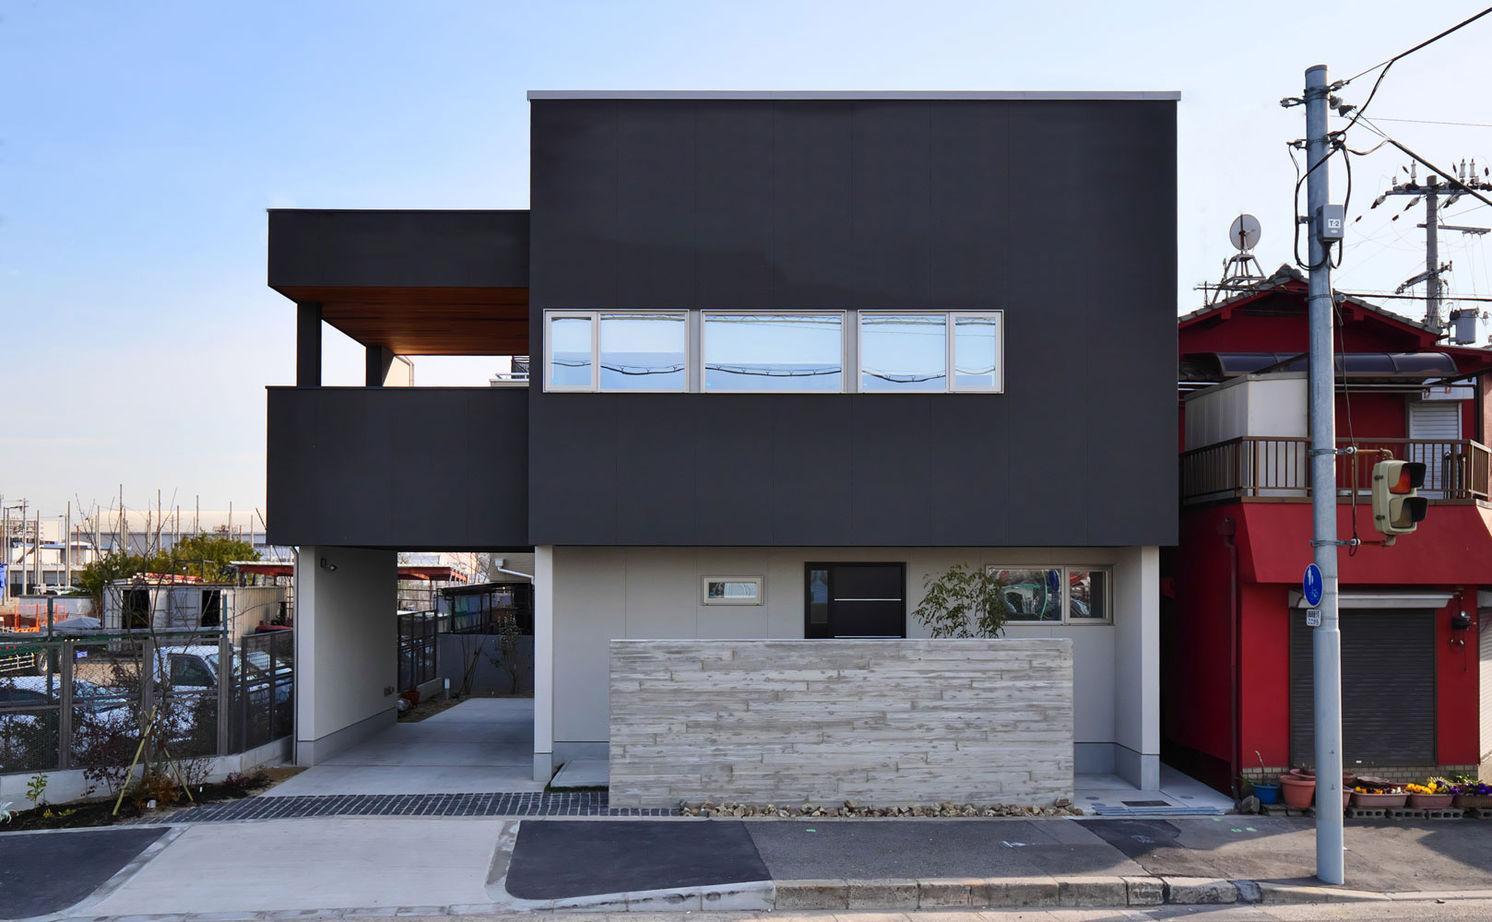 【2750万円/北向き】二階リビングで高天井を実現 緑と暮らすアウトドアリビングのある家画像1